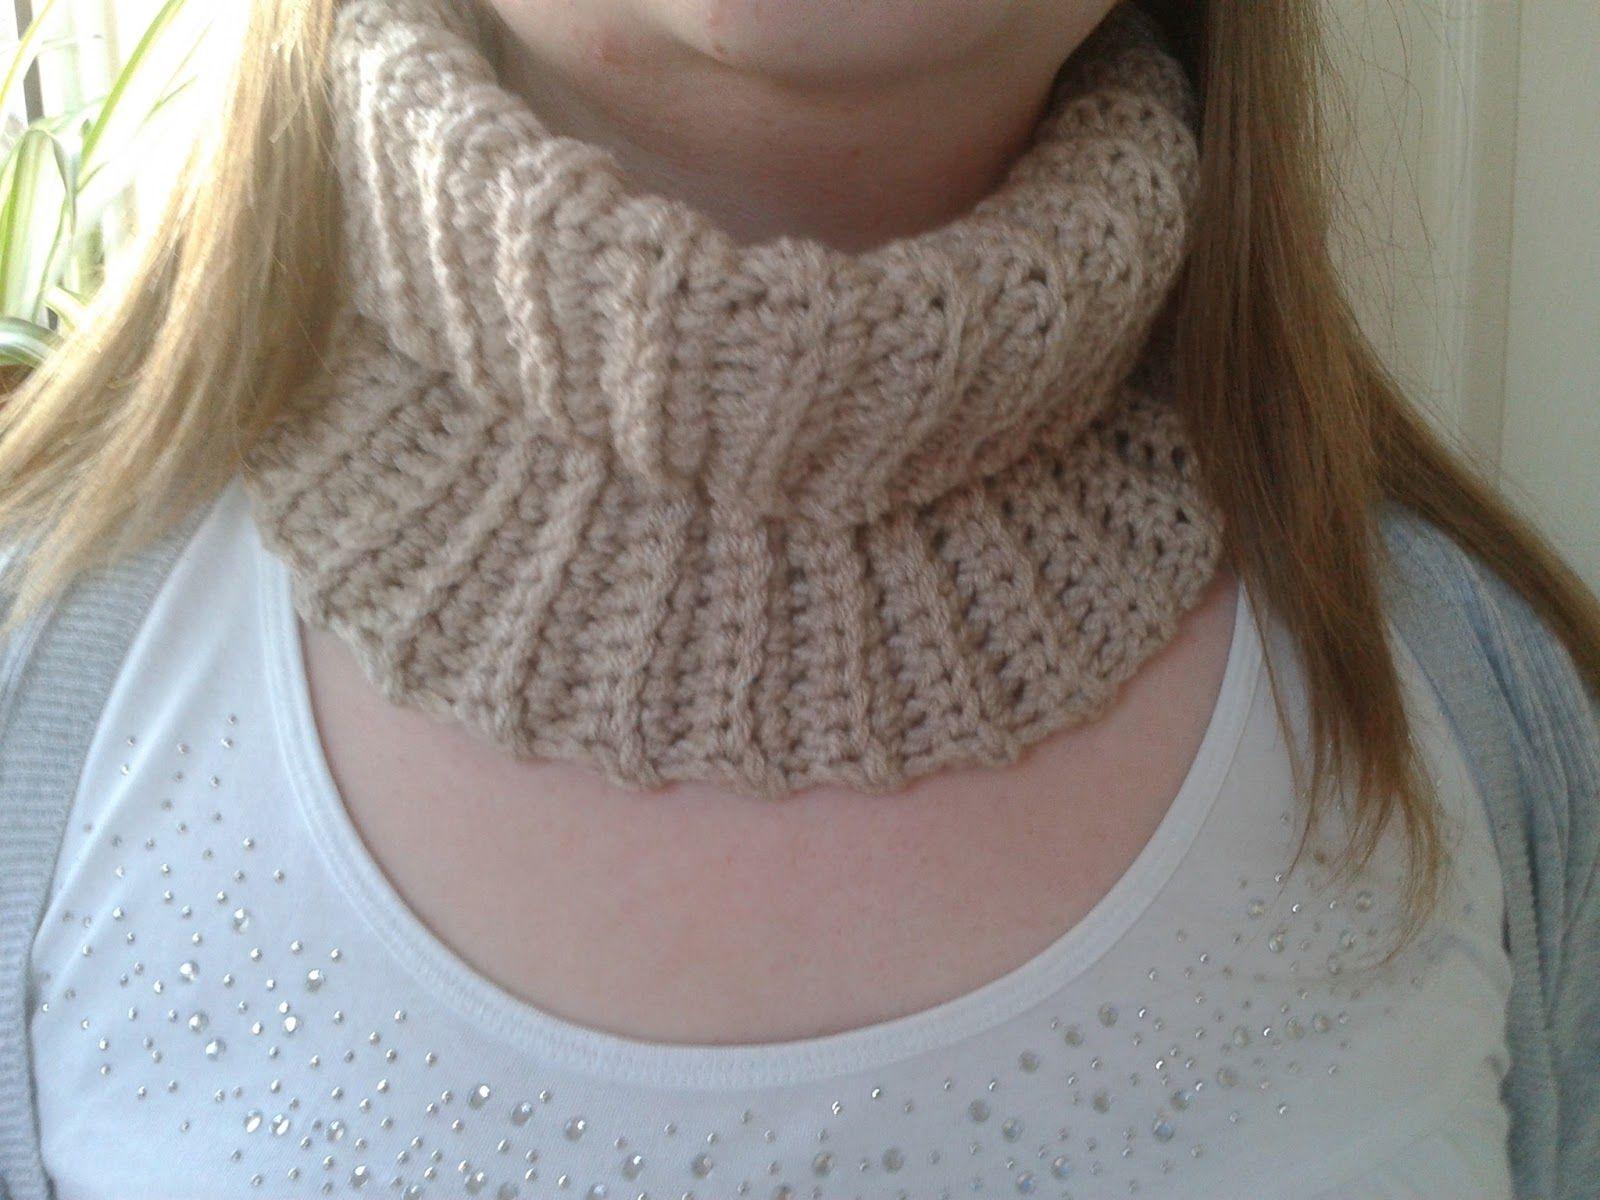 Bits bobbles crocheted neck warmer free pattern crocheting bits bobbles crocheted neck warmer free pattern bankloansurffo Gallery